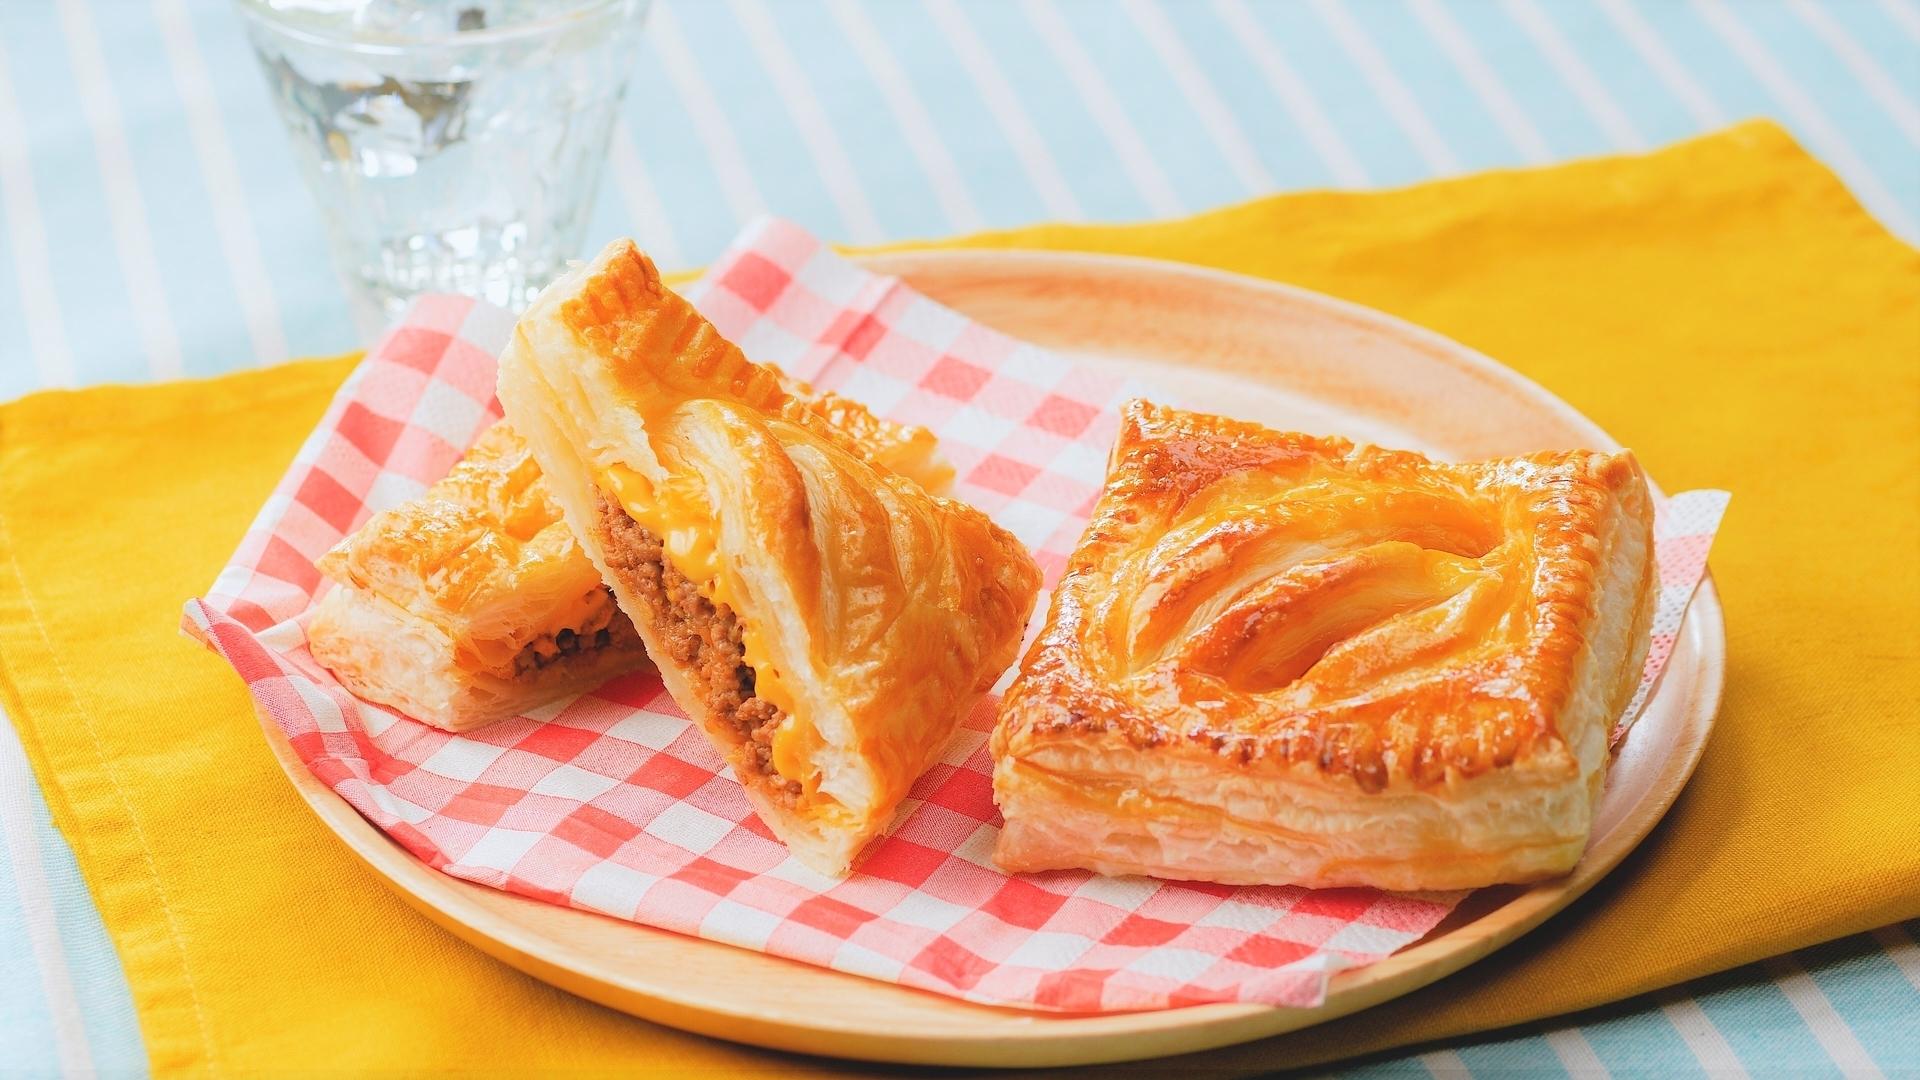 ミートパイ が 焼け た わ Feal 【パイ専門店フィール】おすすめは ミートパイ!|パイと紅茶の専門店